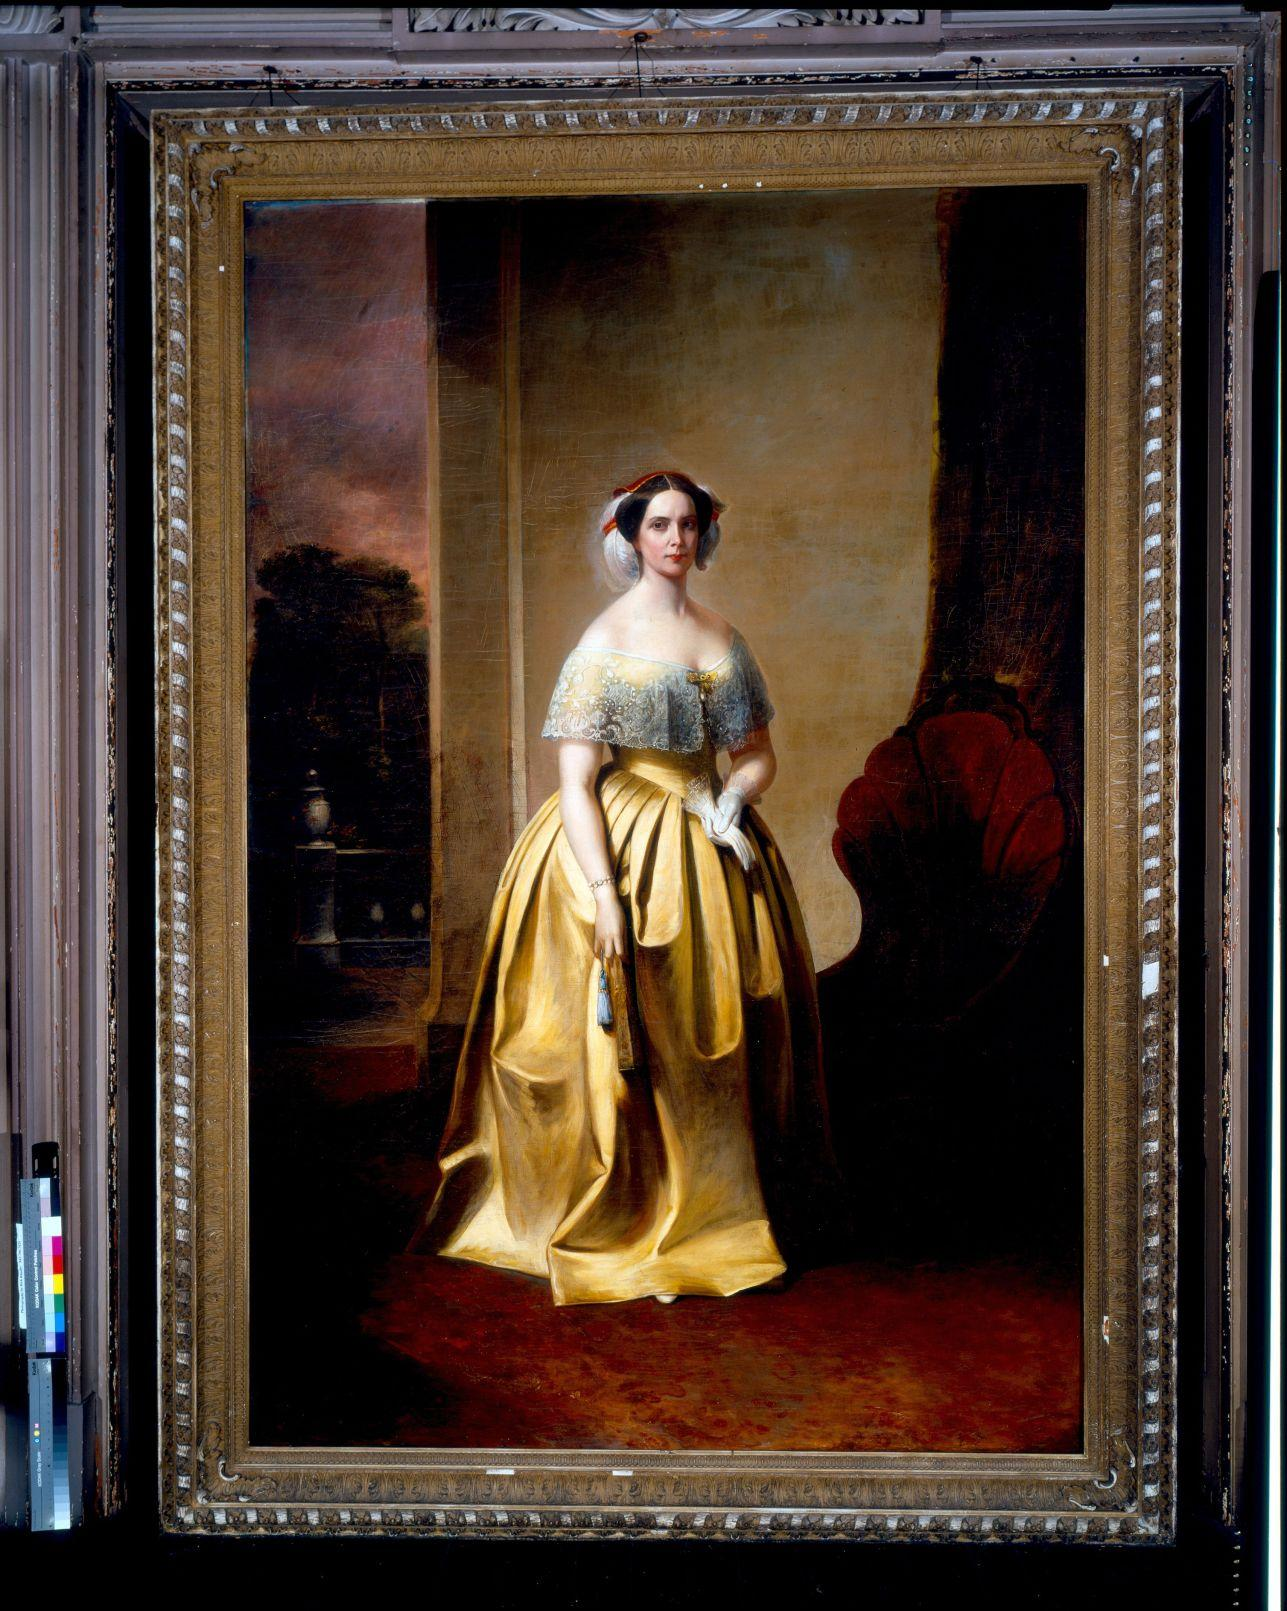 File:Harriet Lowndes Aiken.jpg - Wikimedia Commons